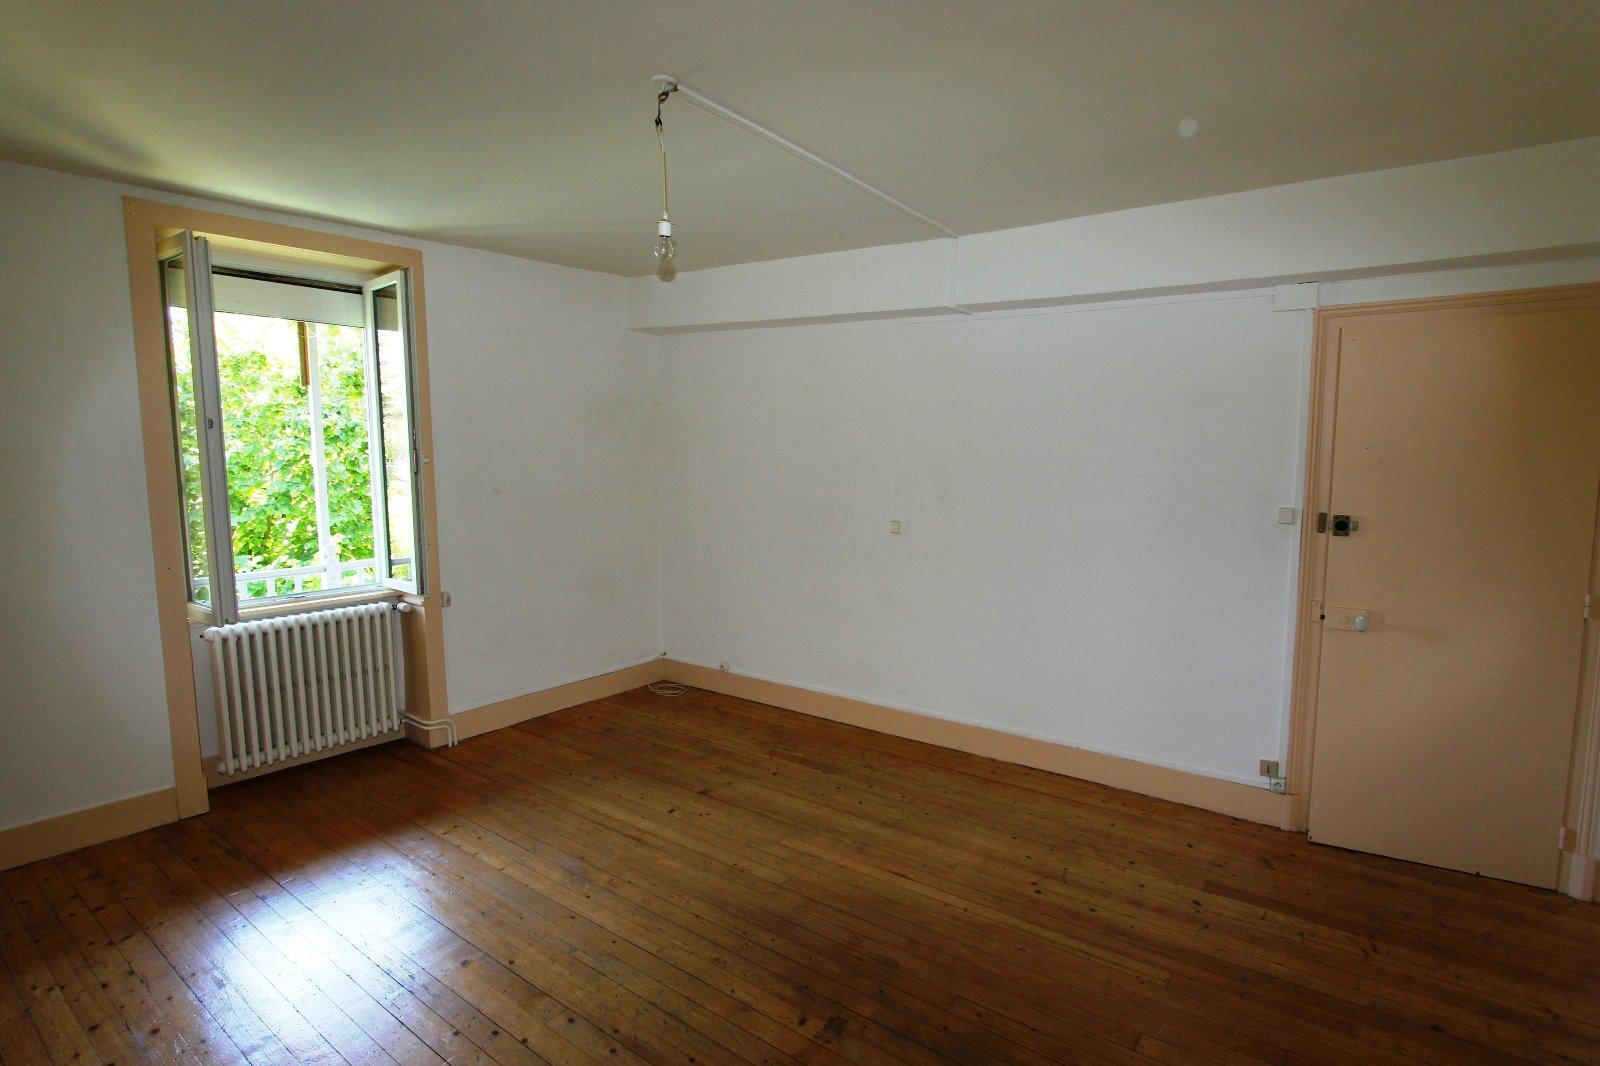 Secteur lons le saunier 39 jura vendre maison en pierre sur sous sol 2 chambres avec - Garage thevenod lons le saunier ...